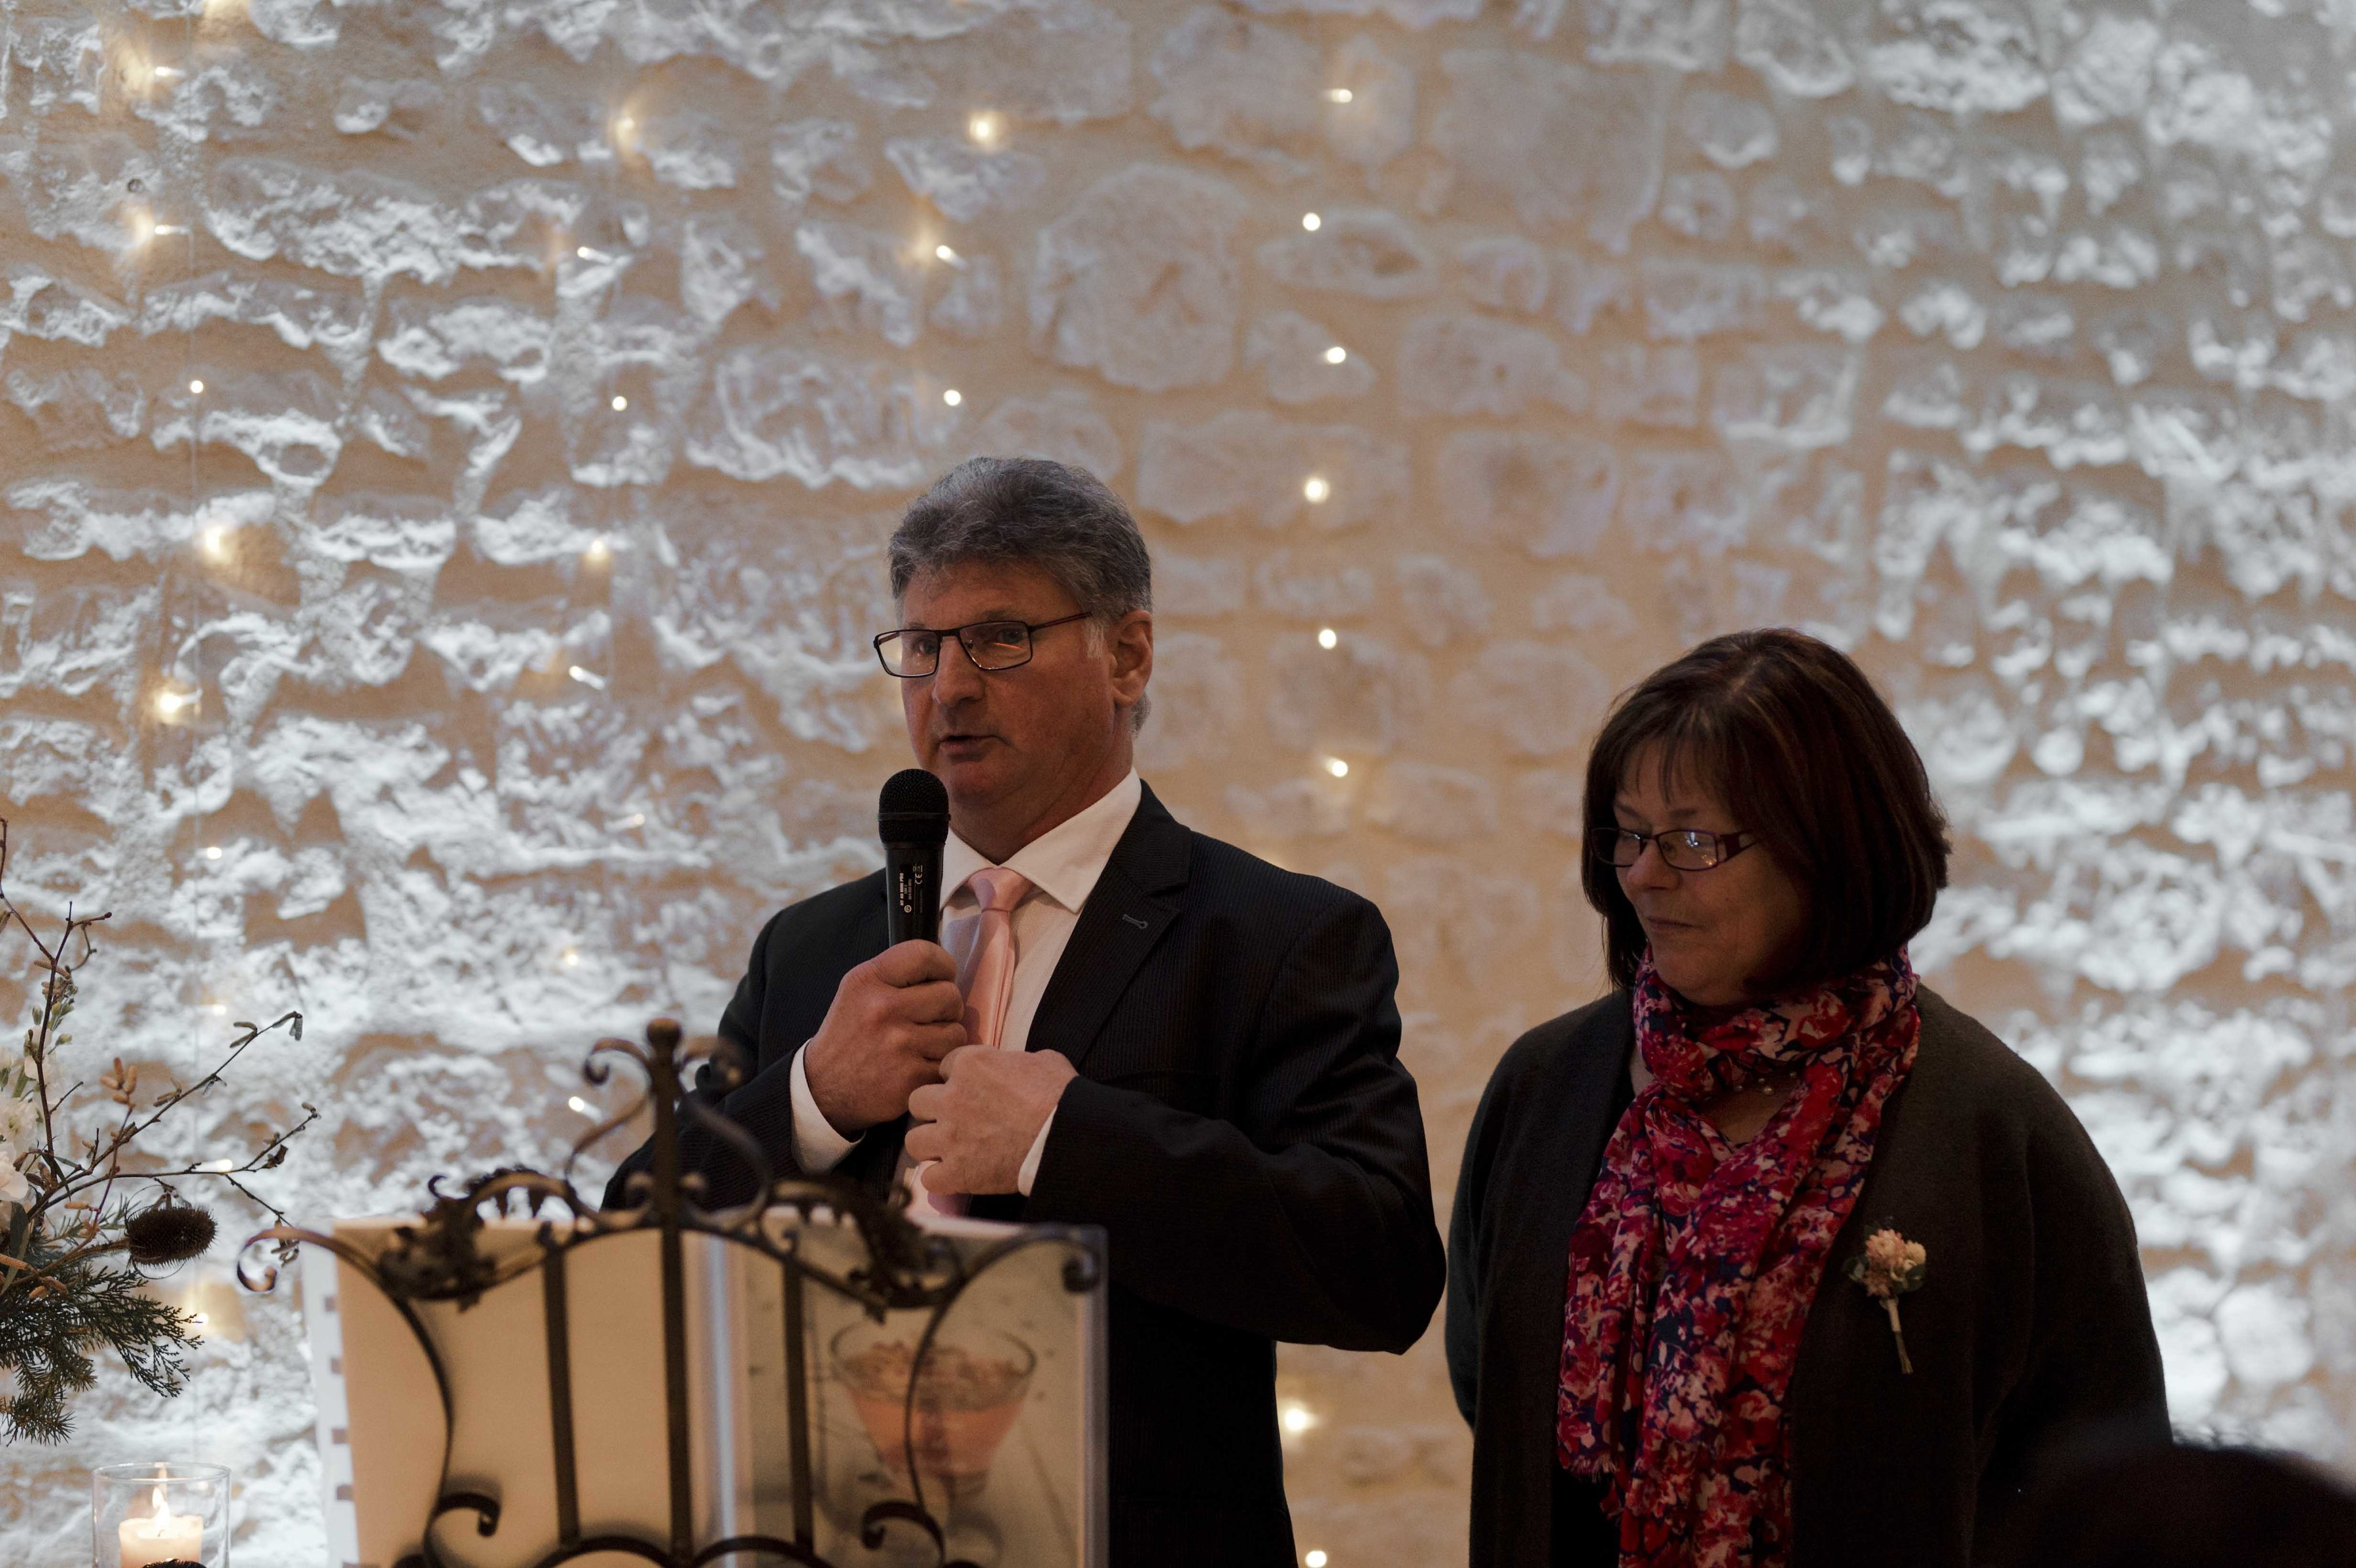 solveig-et-ronan-le-colombier-du-manoir-mariage-hiver-normandie-les-bulles-de-bonheur-wedding-planner-ceremonie-officiant